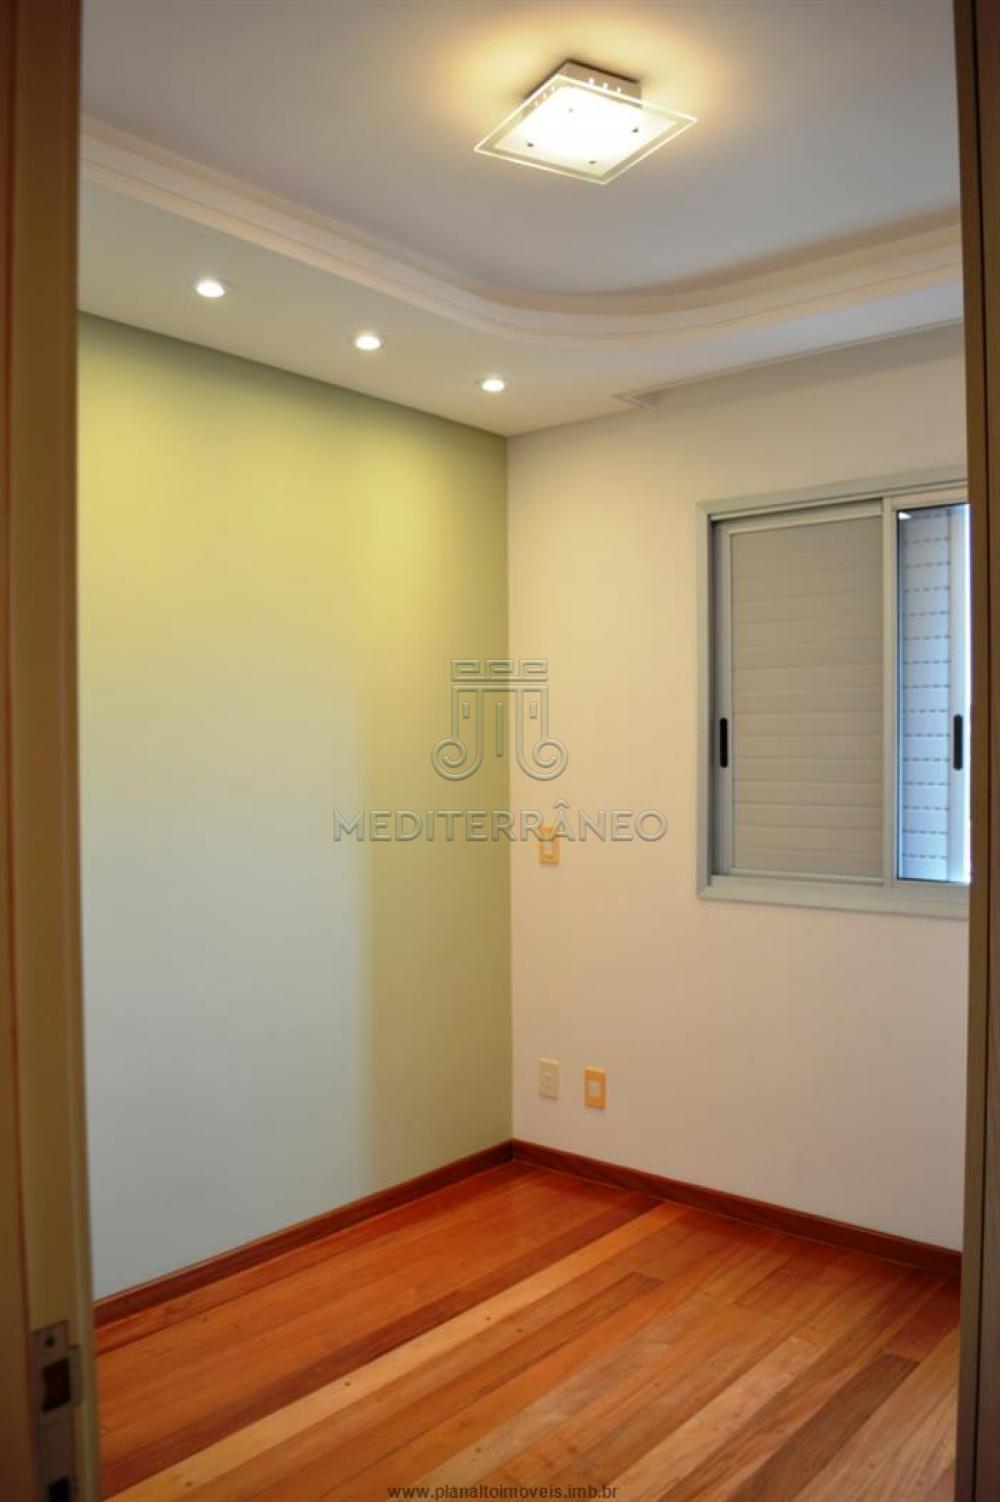 Comprar Apartamento / Padrão em Jundiaí apenas R$ 430.000,00 - Foto 16